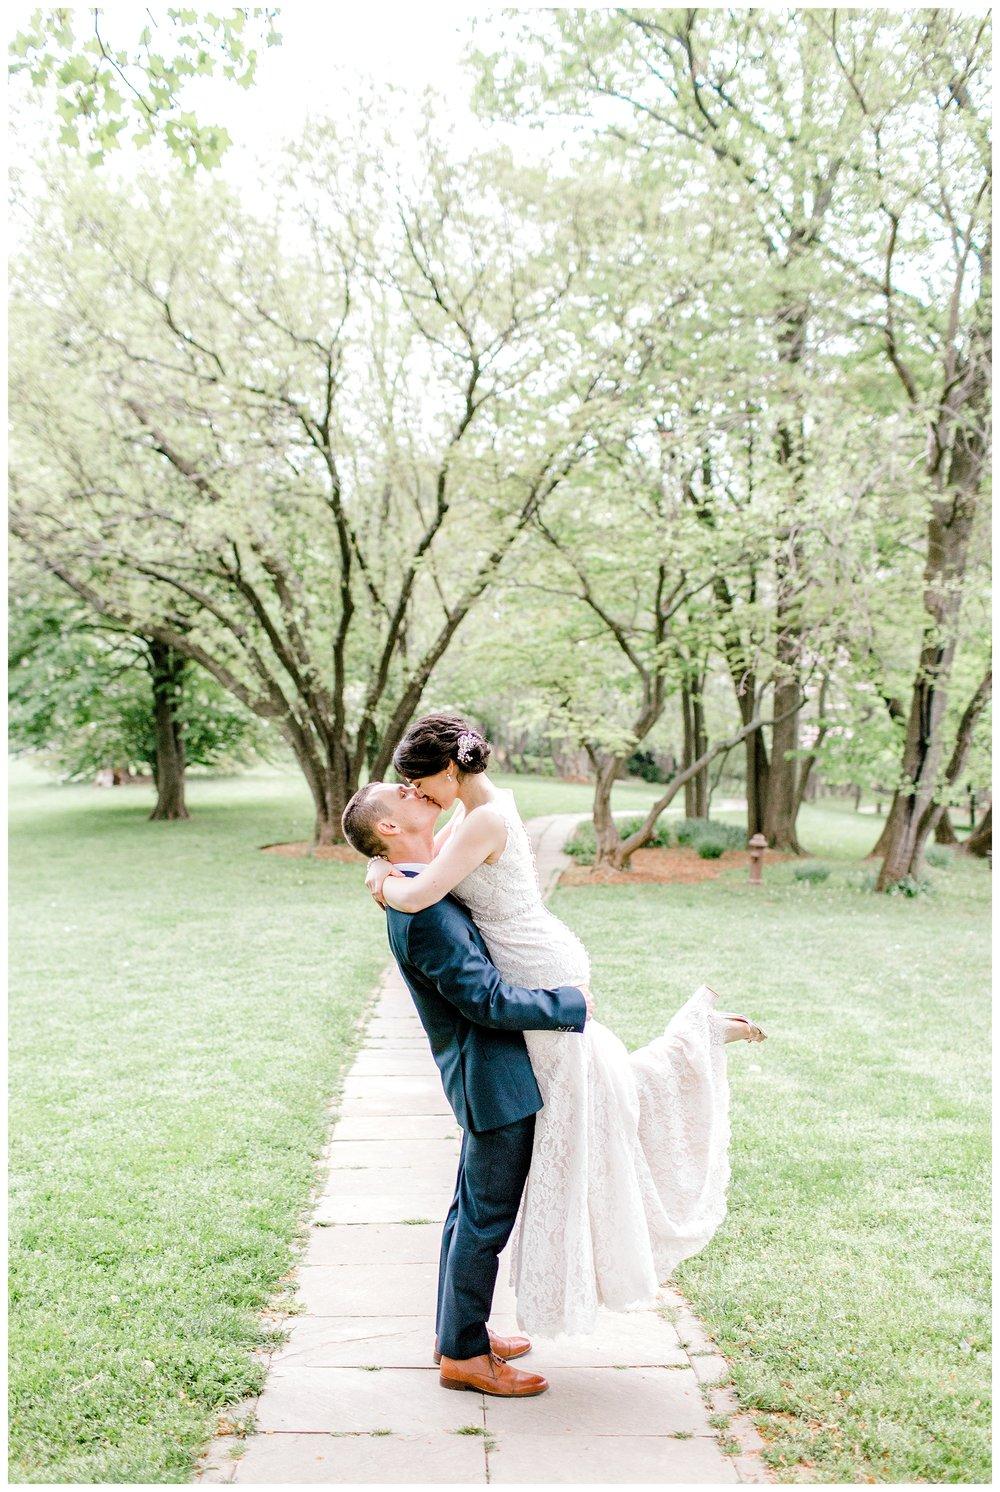 Woodend Nature Sanctuary Wedding Maryland Wedding Photographer_0104.jpg